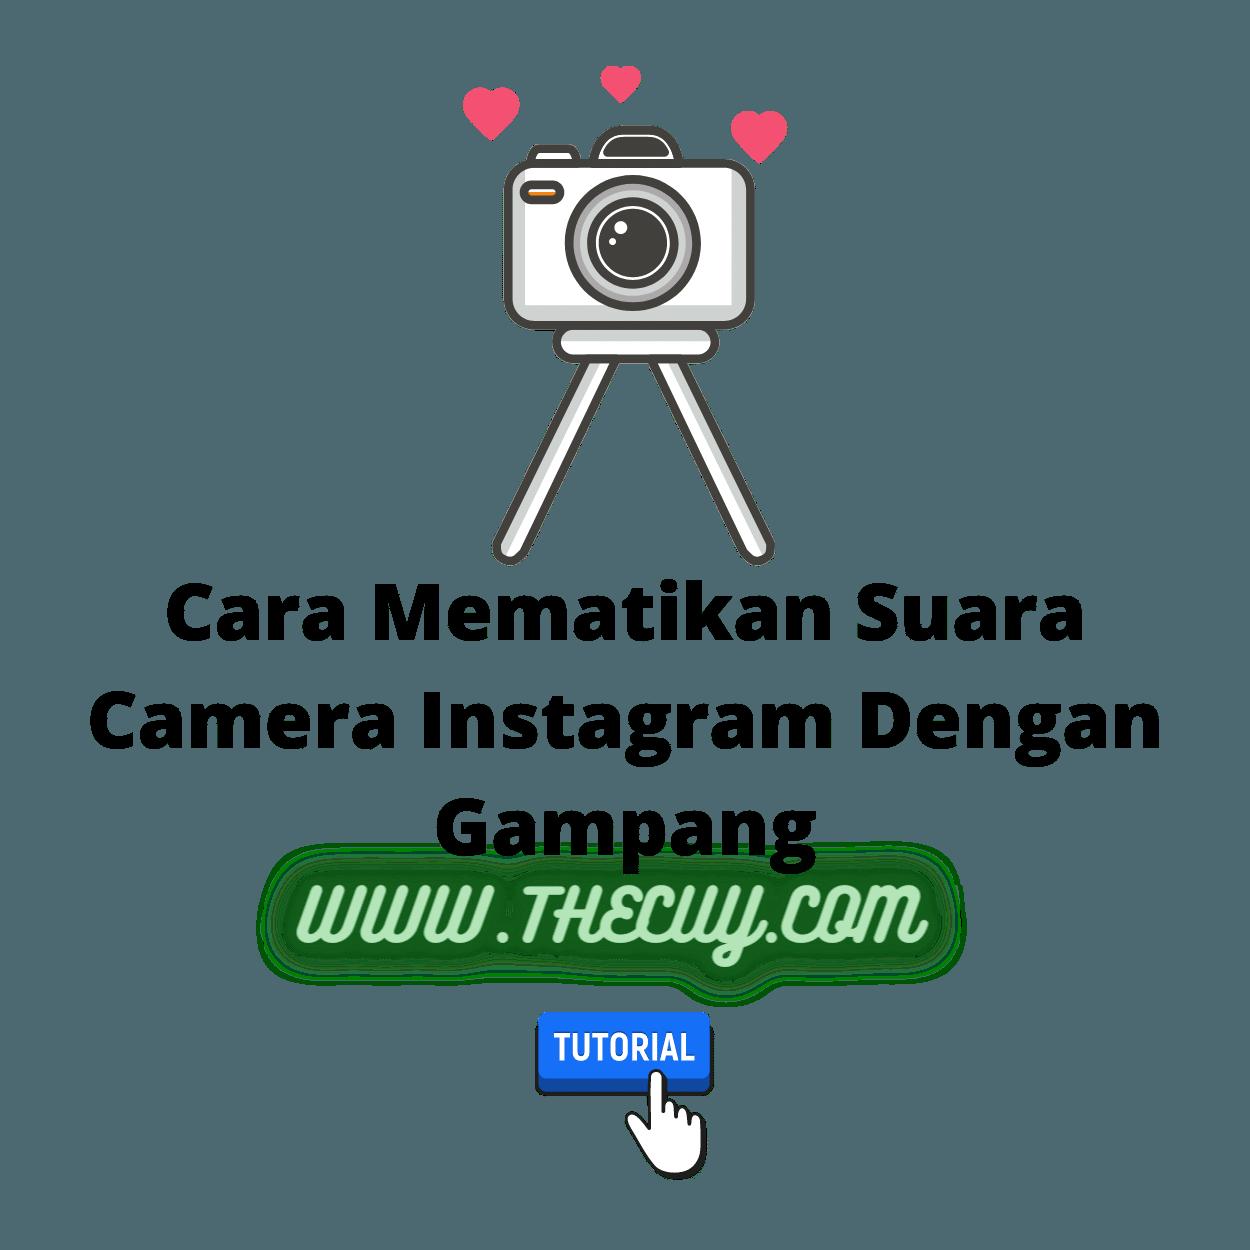 Cara Mematikan Suara Camera Instagram Dengan Gampang